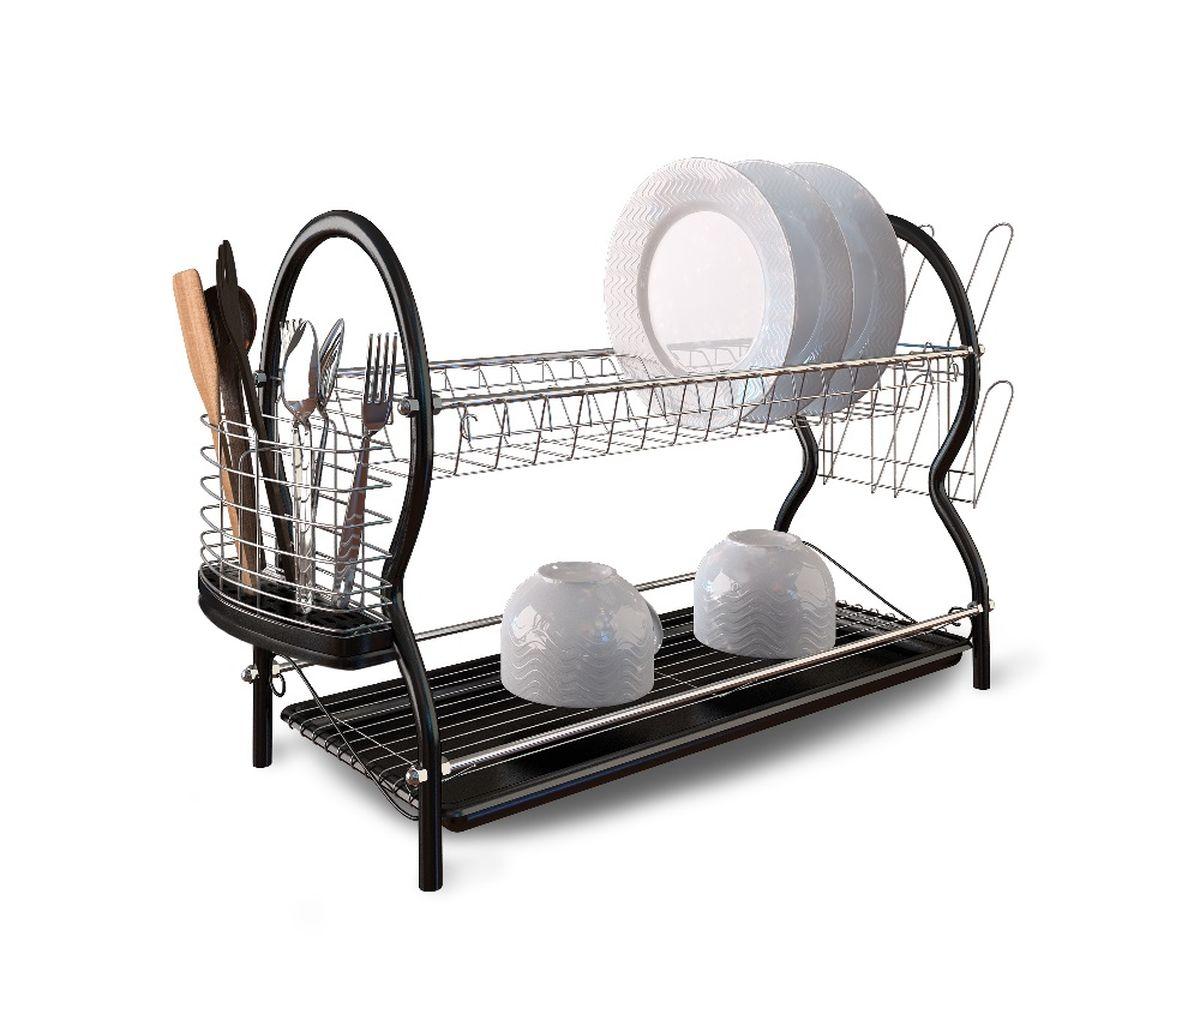 Сушилка для посуды Walmer, двухъярусная, с поддоном, 55,5 x 23,5 x 38,5 смВетерок 2ГФДвухъярусная сушилка Walmer, изготовленная из стали, представляет собой решетку с ячейками для посуды и держателями для стаканов и столовых приборов. Изделие оснащено пластиковым поддоном для стекания воды. Сушилка не займет много места на вашей кухне. Вы сможете разместить на ней большое количество предметов. Компактные размеры и оригинальный дизайн выделяют эту сушилку из ряда подобных.Размер сушилки: 55,5 x 23,5 x 38,5 см.